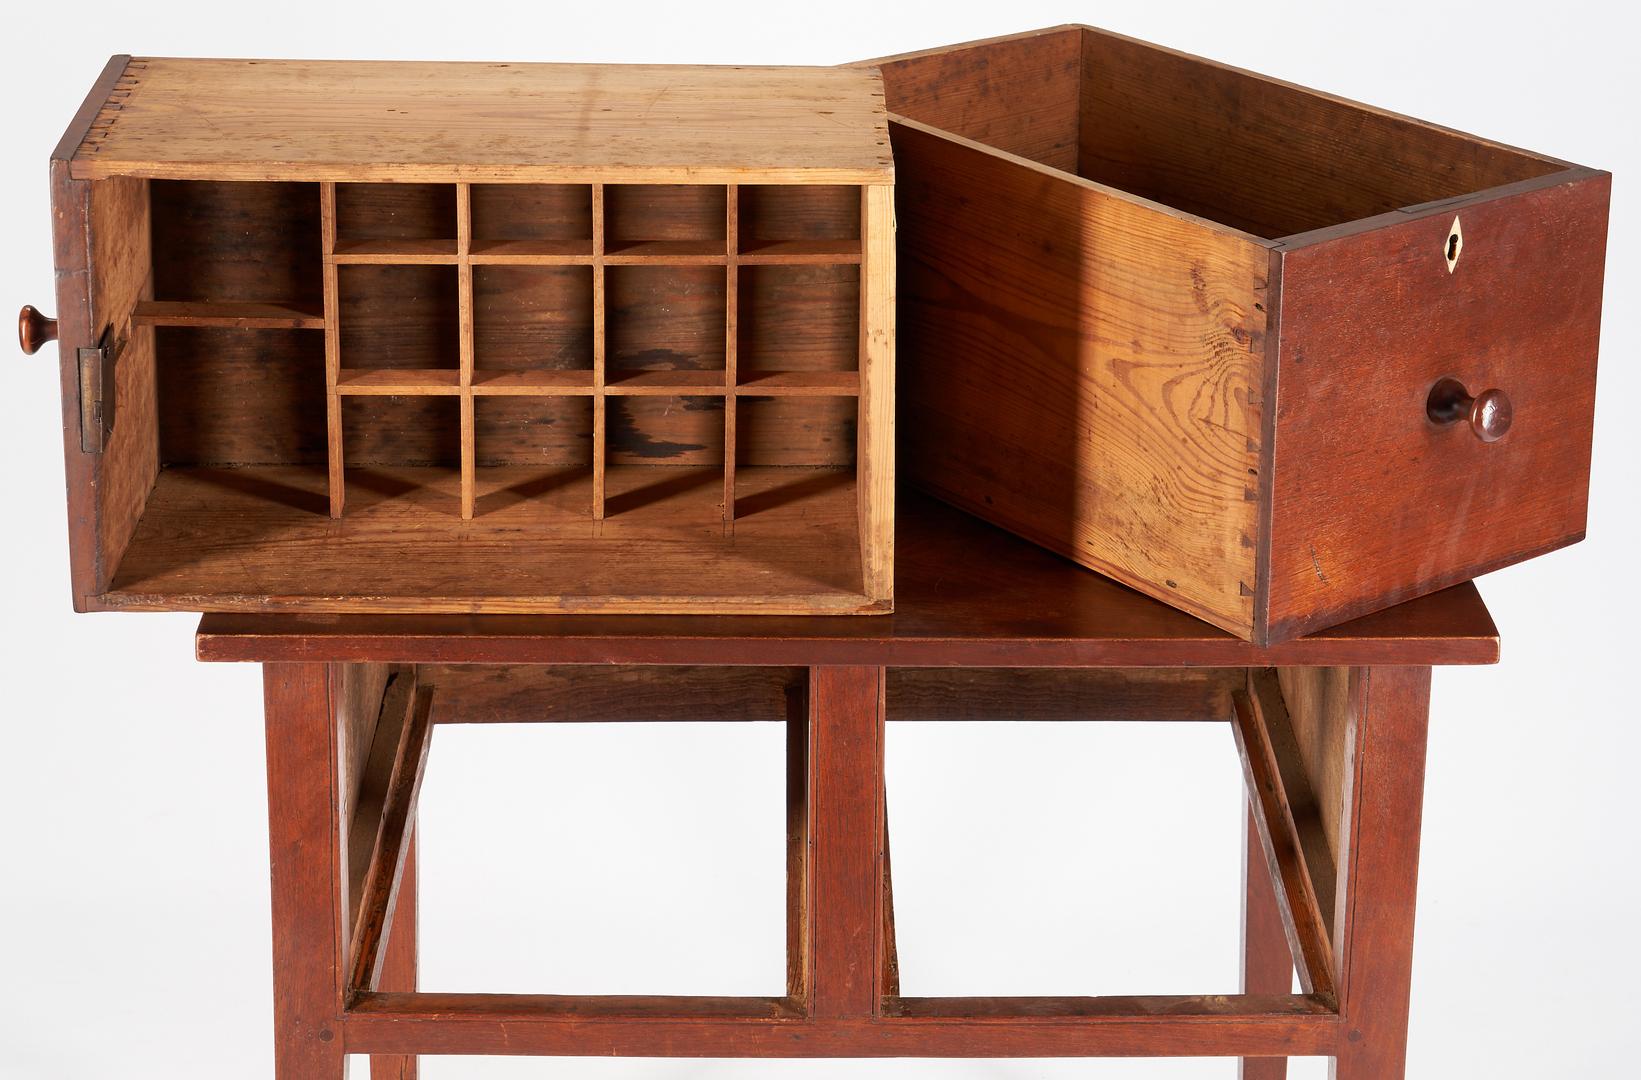 Lot 206: Southern Walnut Brandy Table or Board